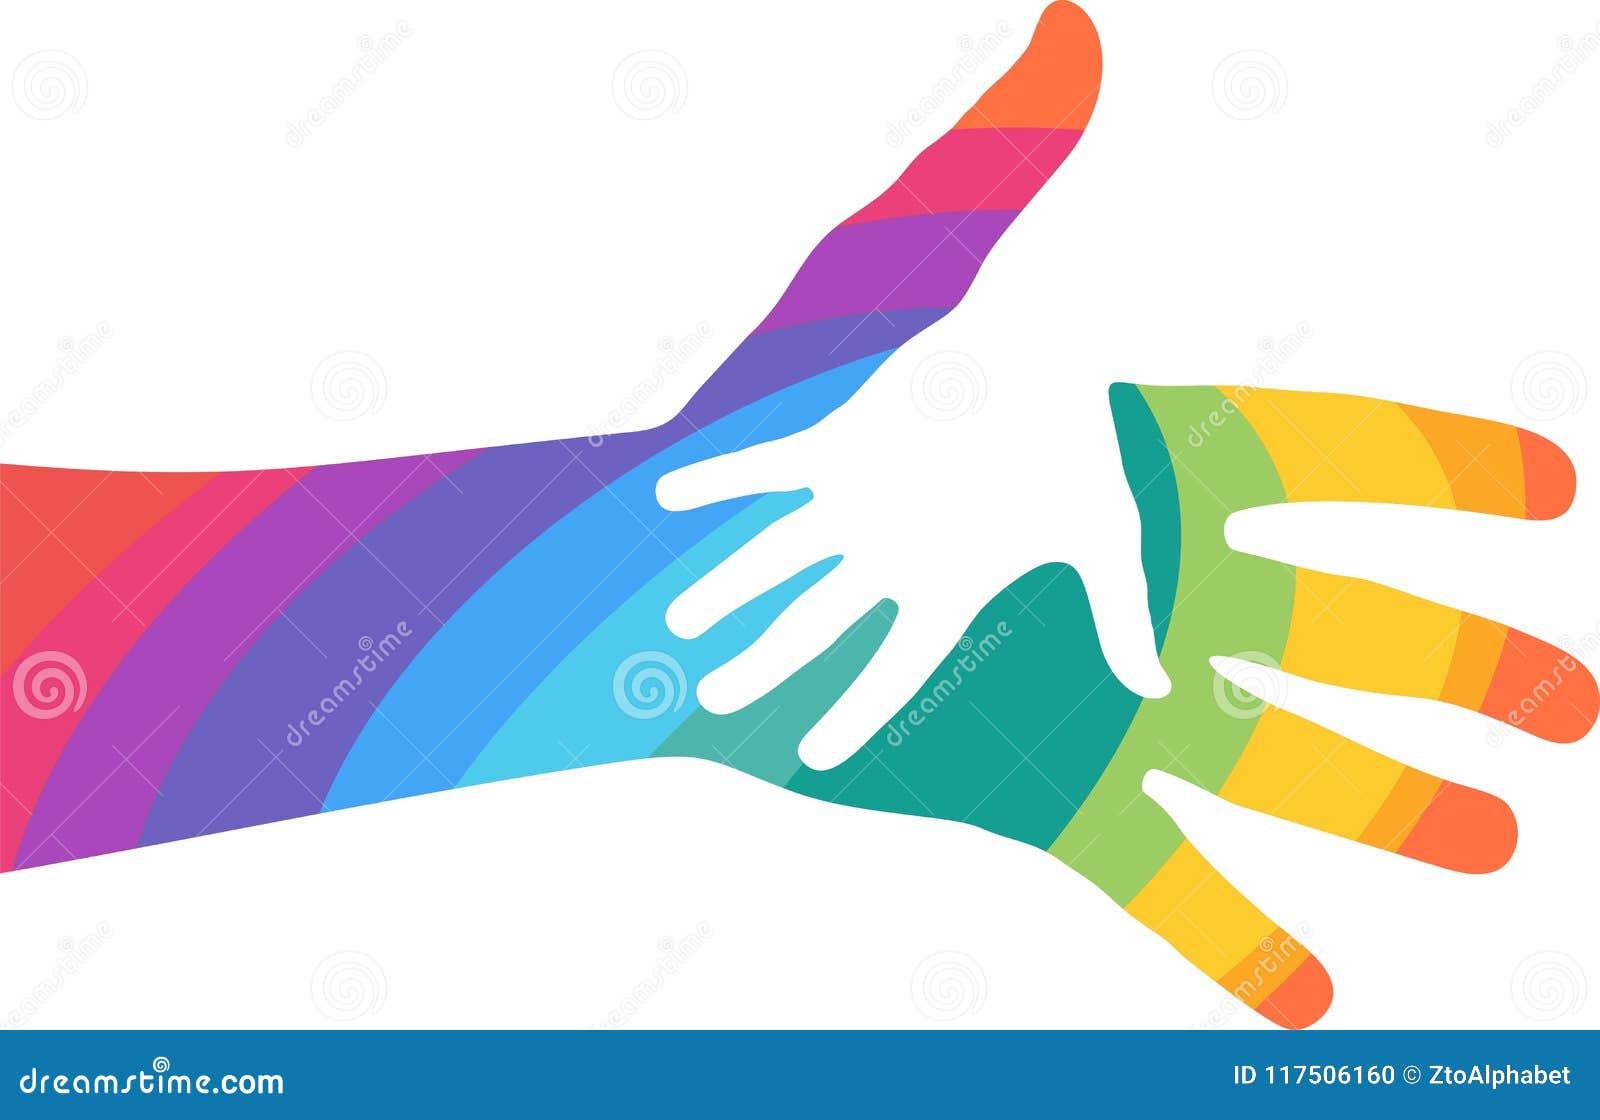 Kolorowe Pomocne Dłonie Na Białym Tle Ilustracja Wektor - Ilustracja  złożonej z dłonie, białym: 117506160